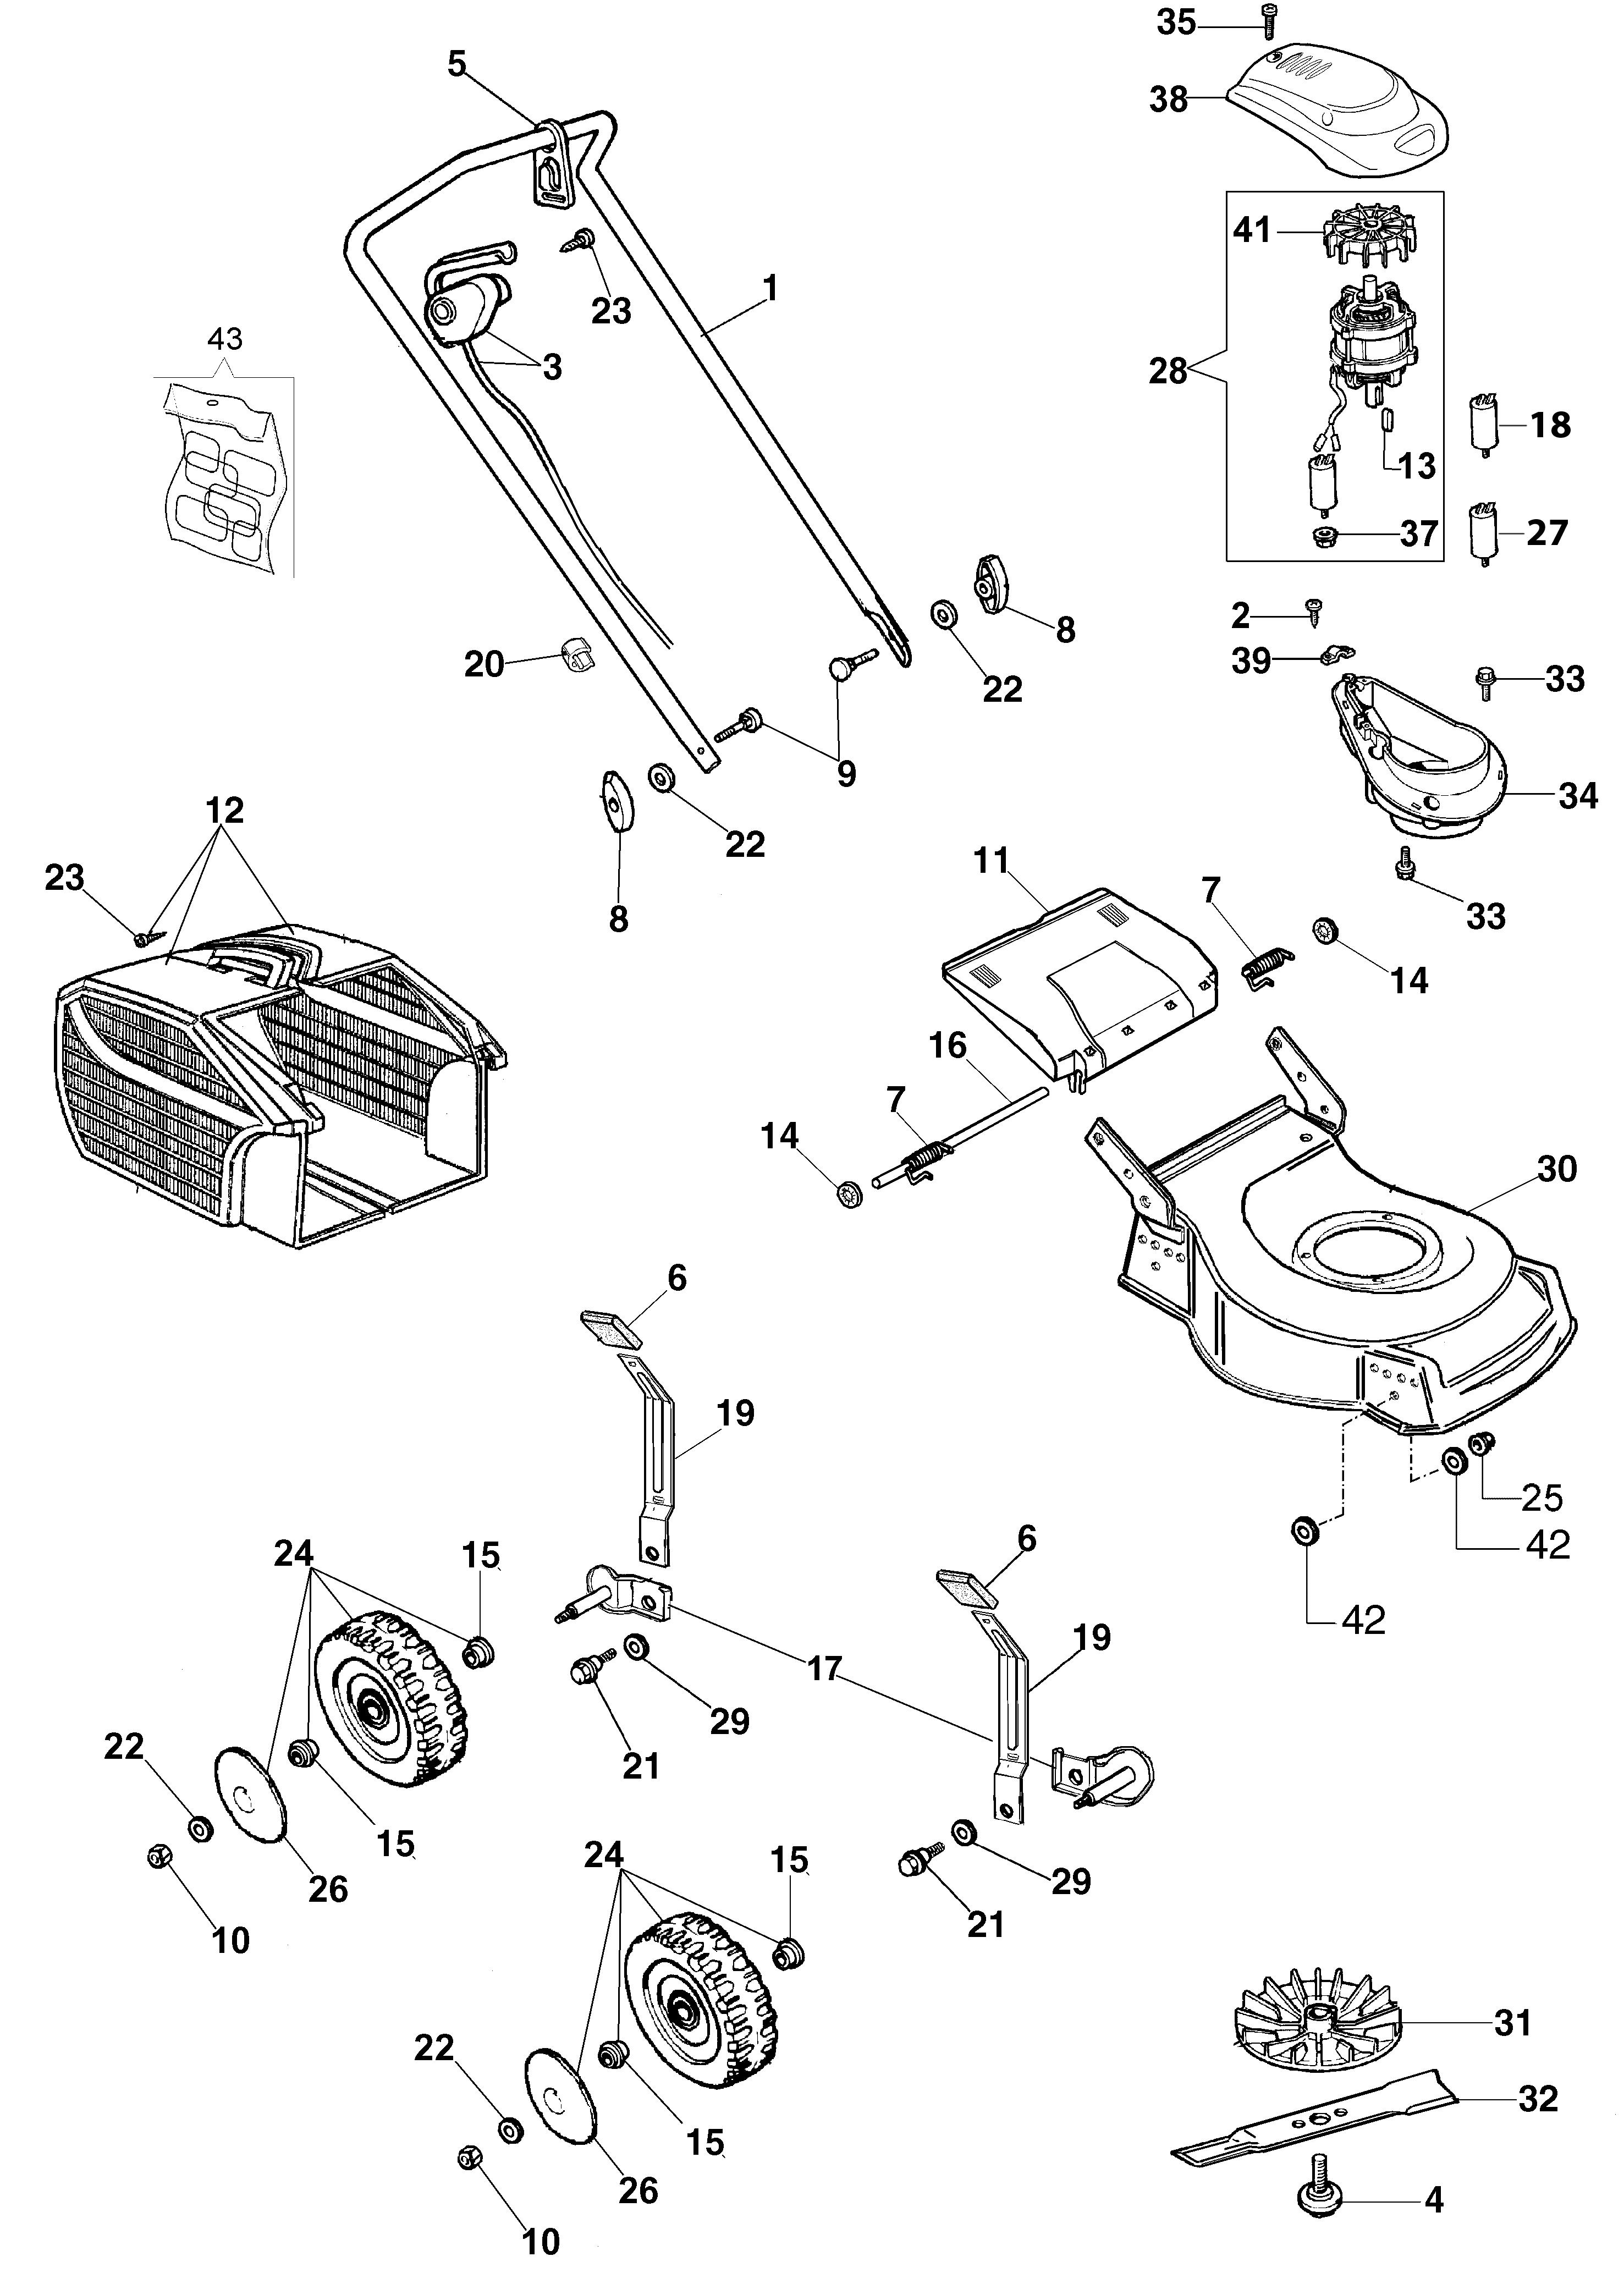 G 48 PE Tondeuse électrique oleomac vue éclatee Dessins pièces -  Vue éclatée complète